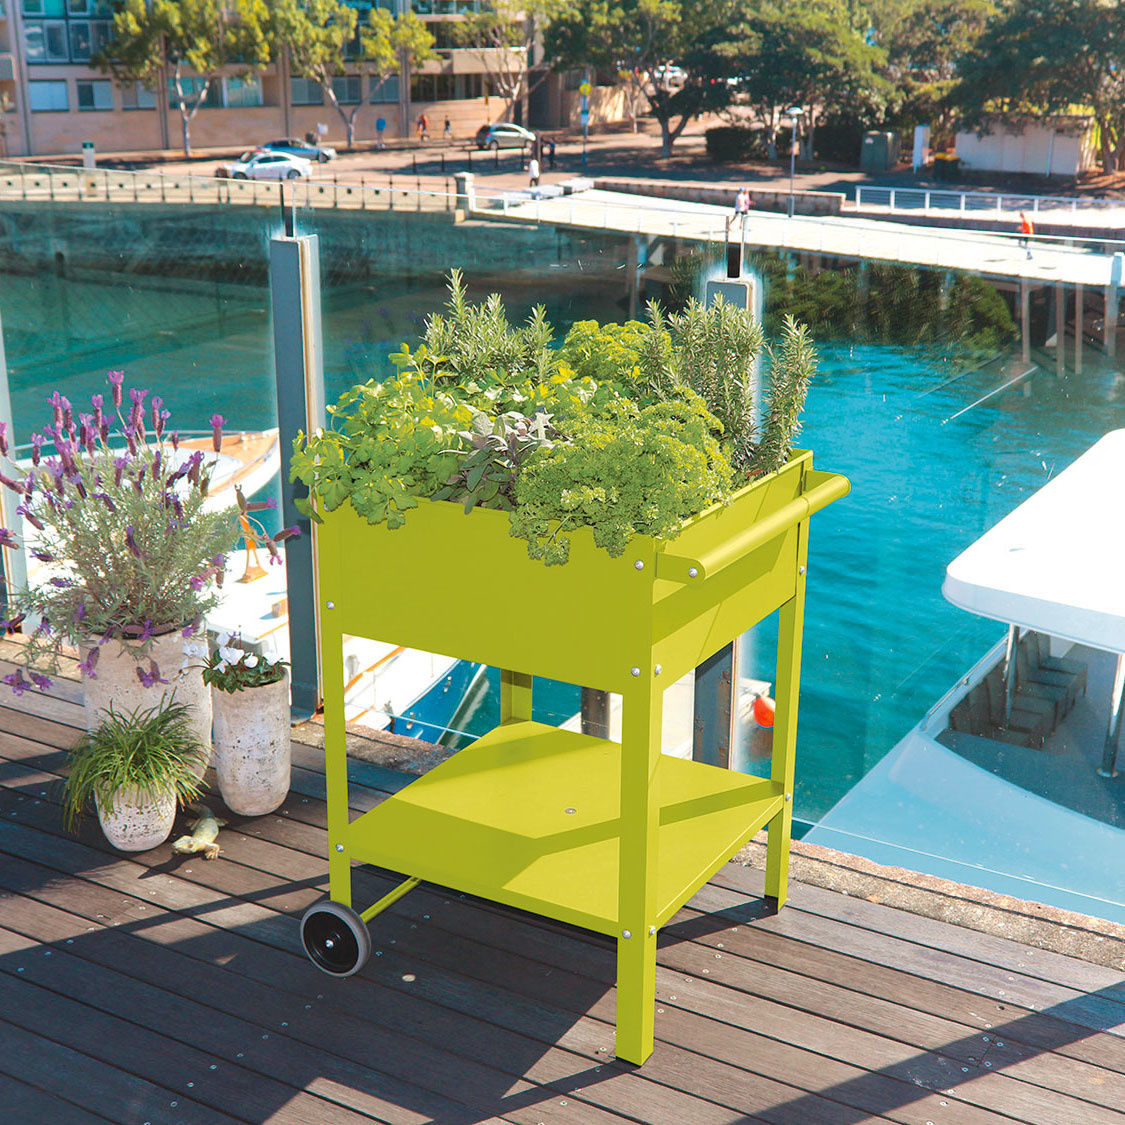 Terrasse Surélevée En Acier jardinière surélevée mobile pour terrasses, 80x55x55 cm